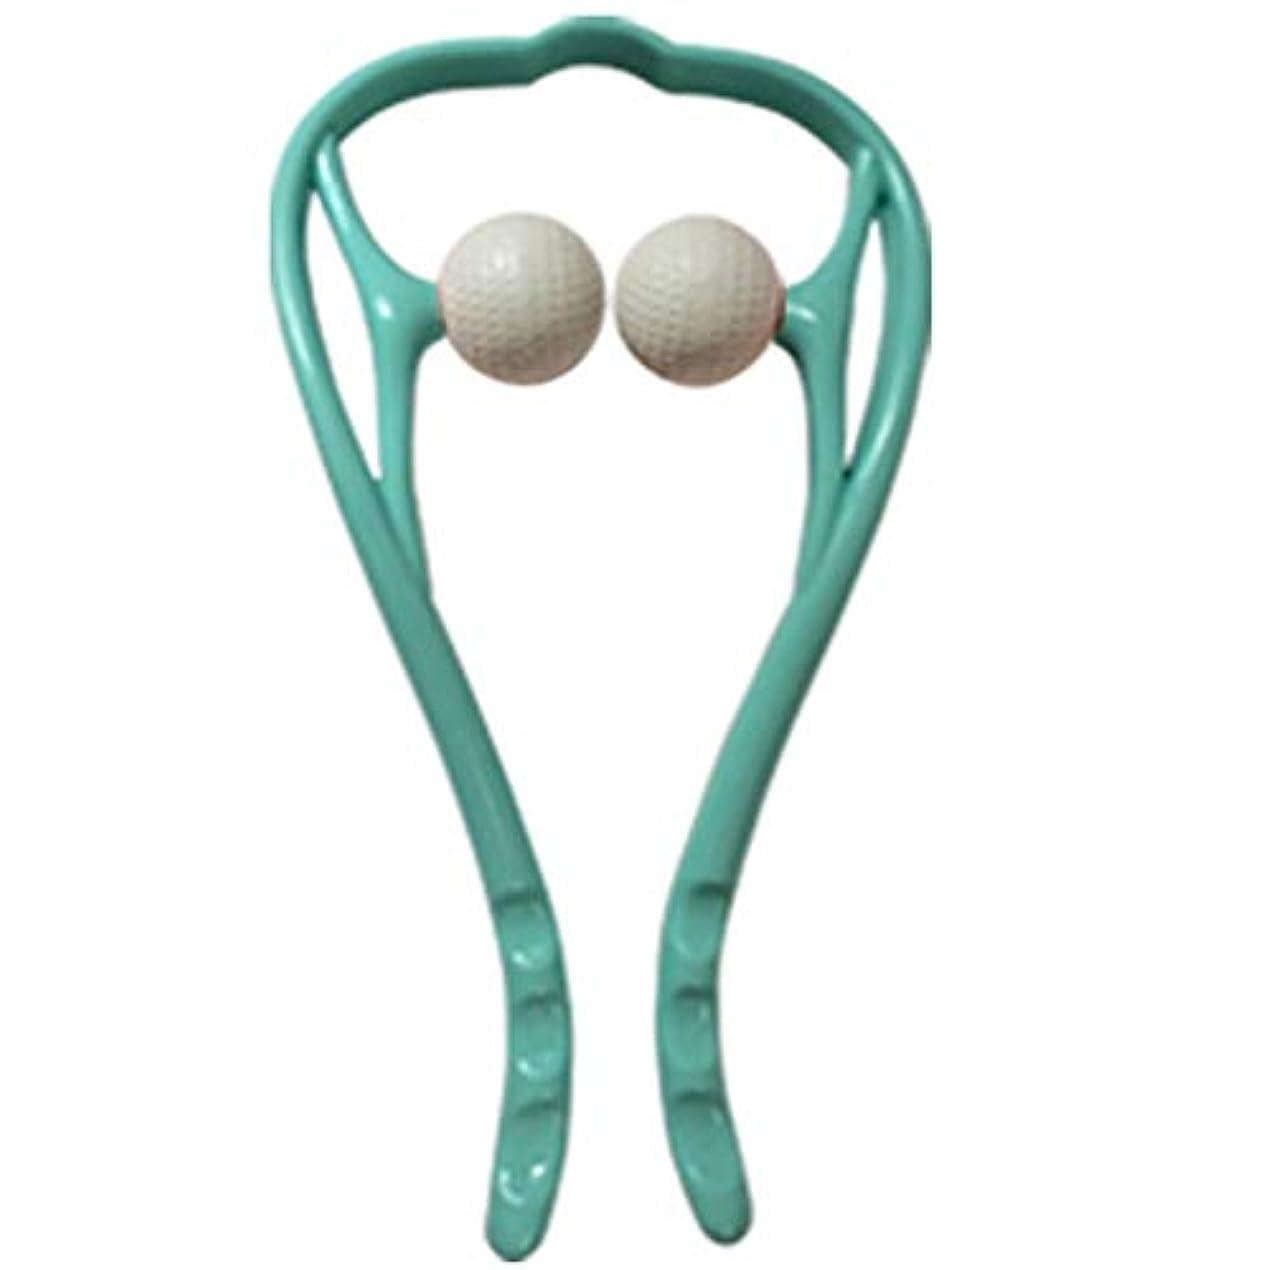 悪魔負立場手動首のマッサージャーの球の頚部U字型ハンドルの圧力点のマッサージャー手動自己筋肉マッサージ,Blue